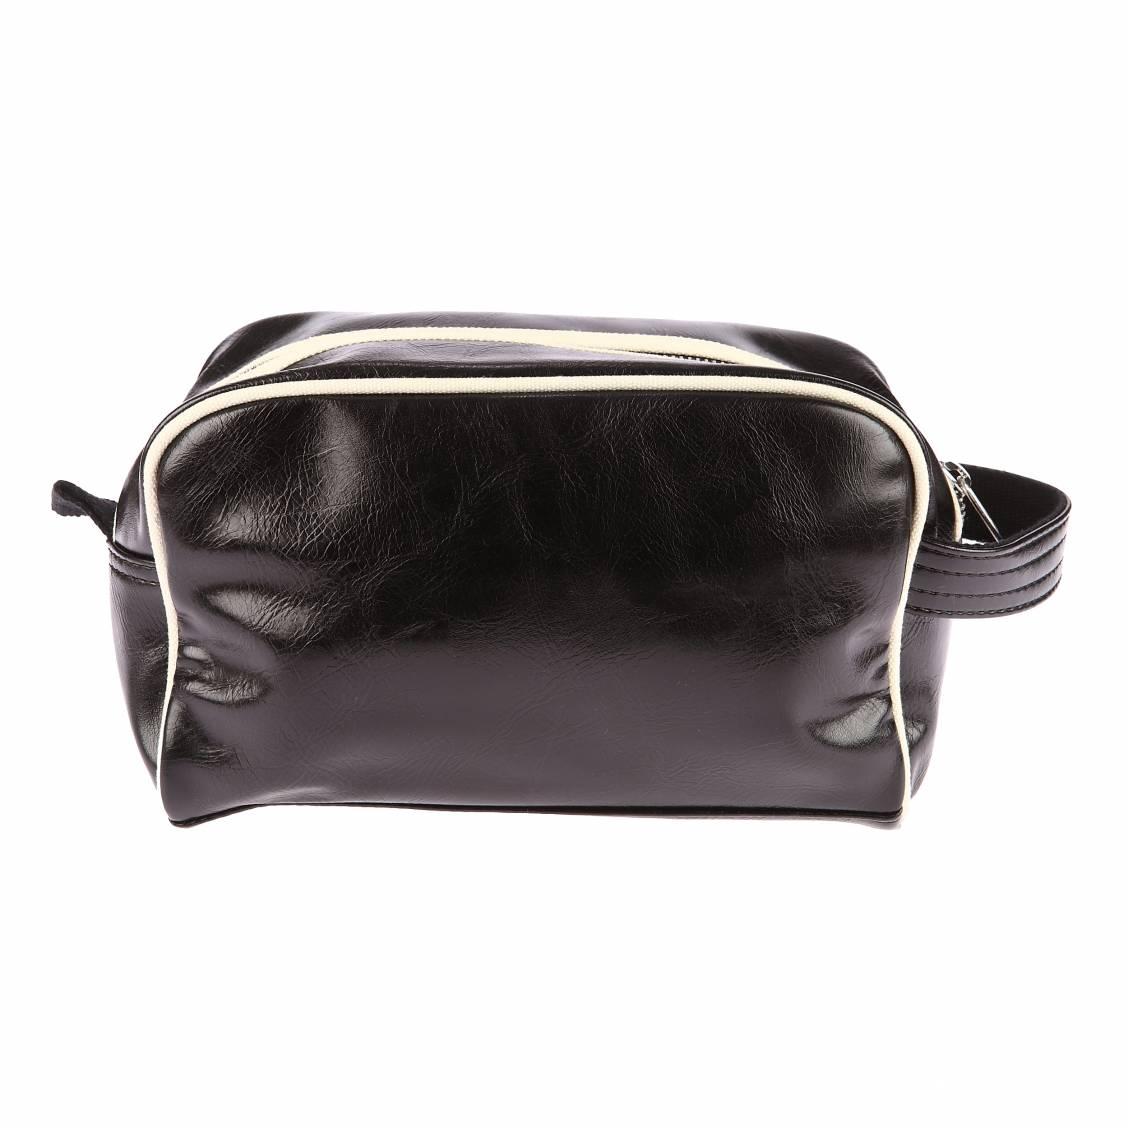 Trousse de toilette Fred Perry Classic Travel Kit Bag Black/Ecru noir DwaXuVcV6P